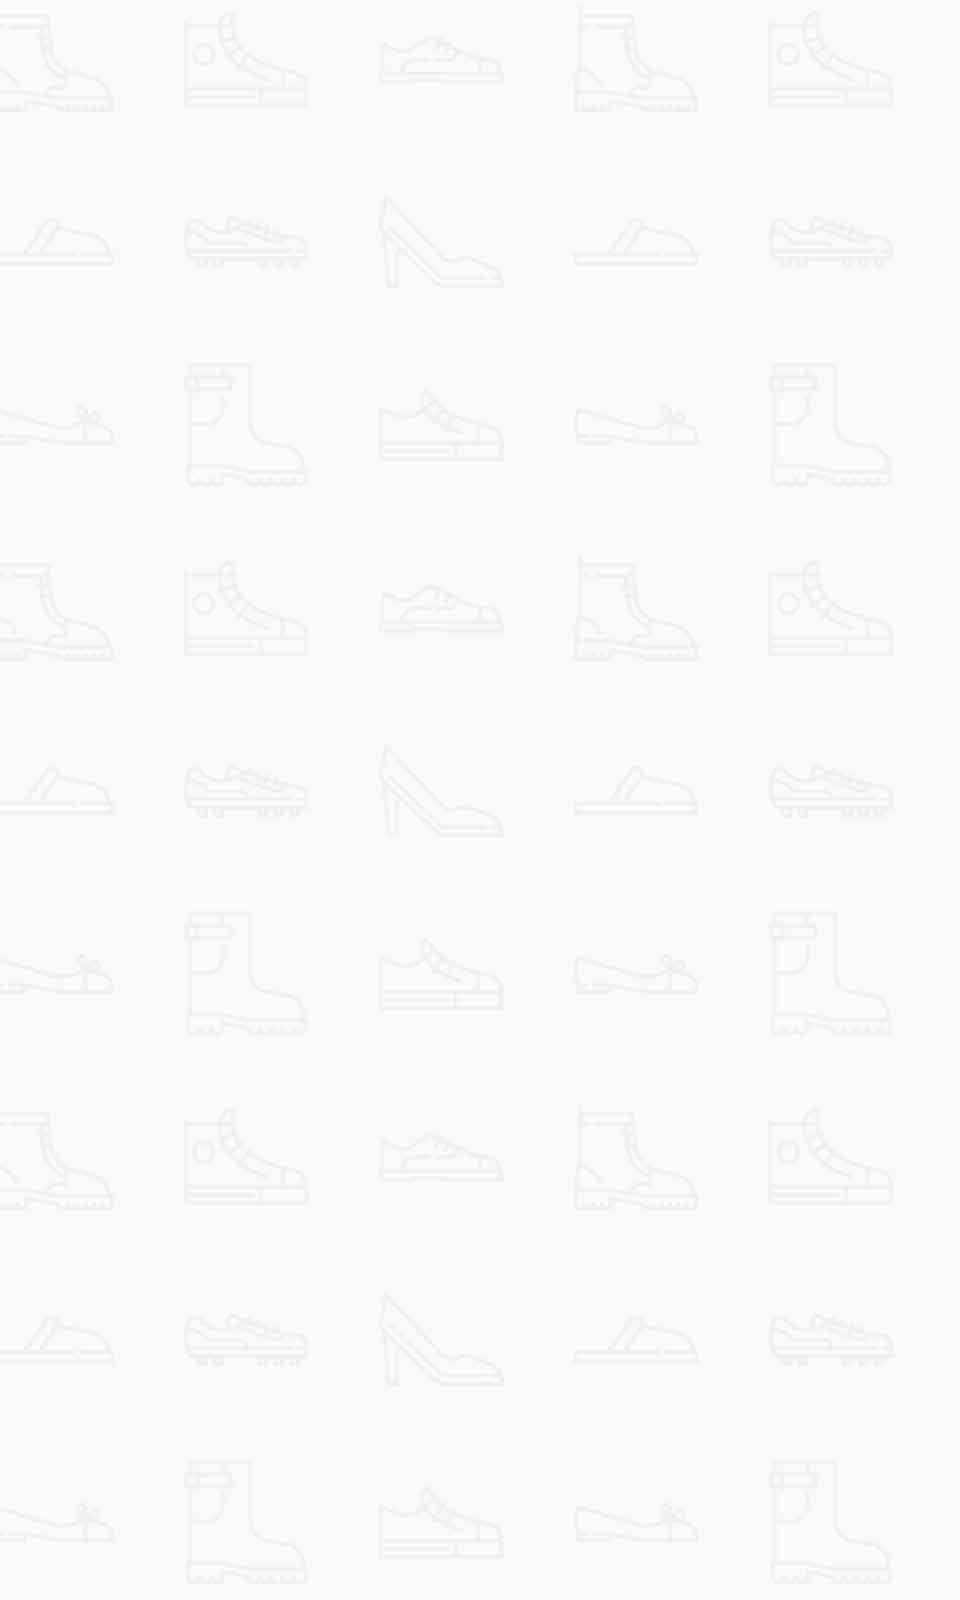 Imagem de background de atividade no app Android BlueShoes